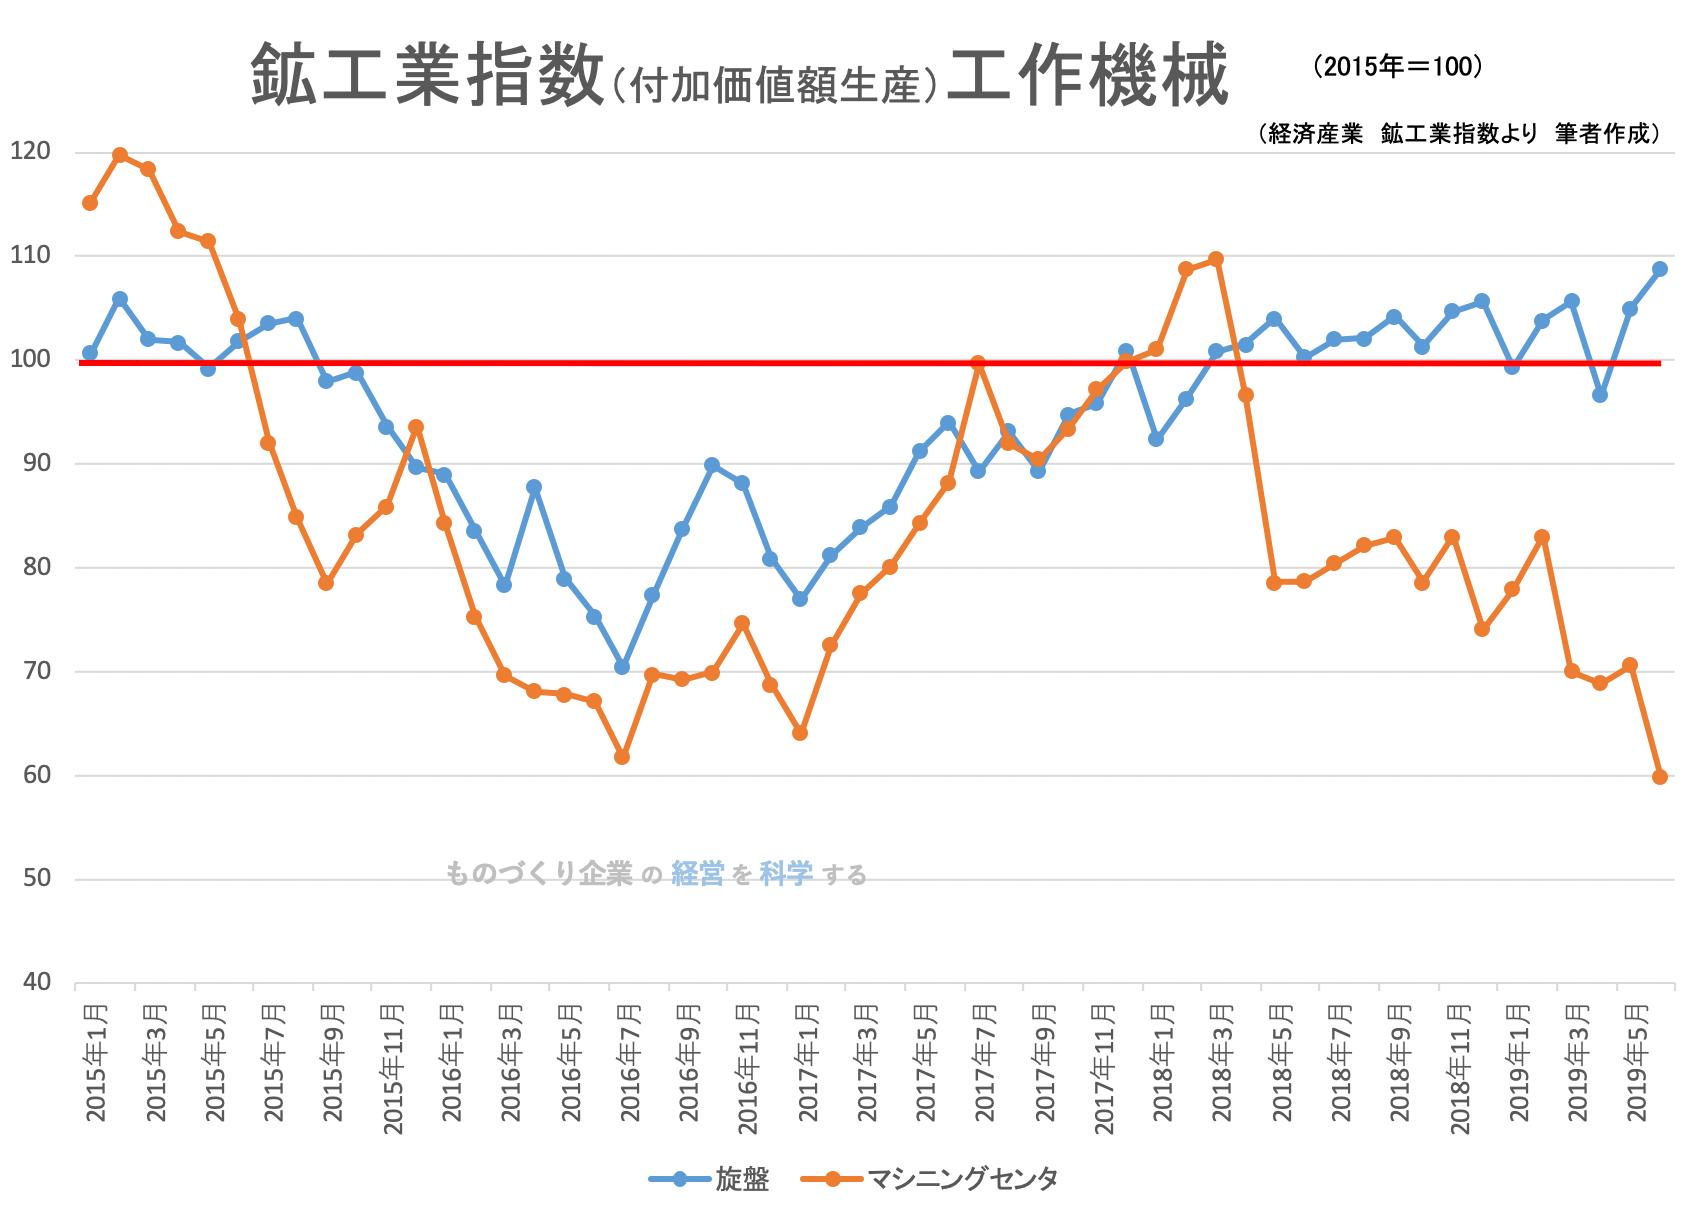 00(下旬)★鉱工業指数(品目別)工作機械201906